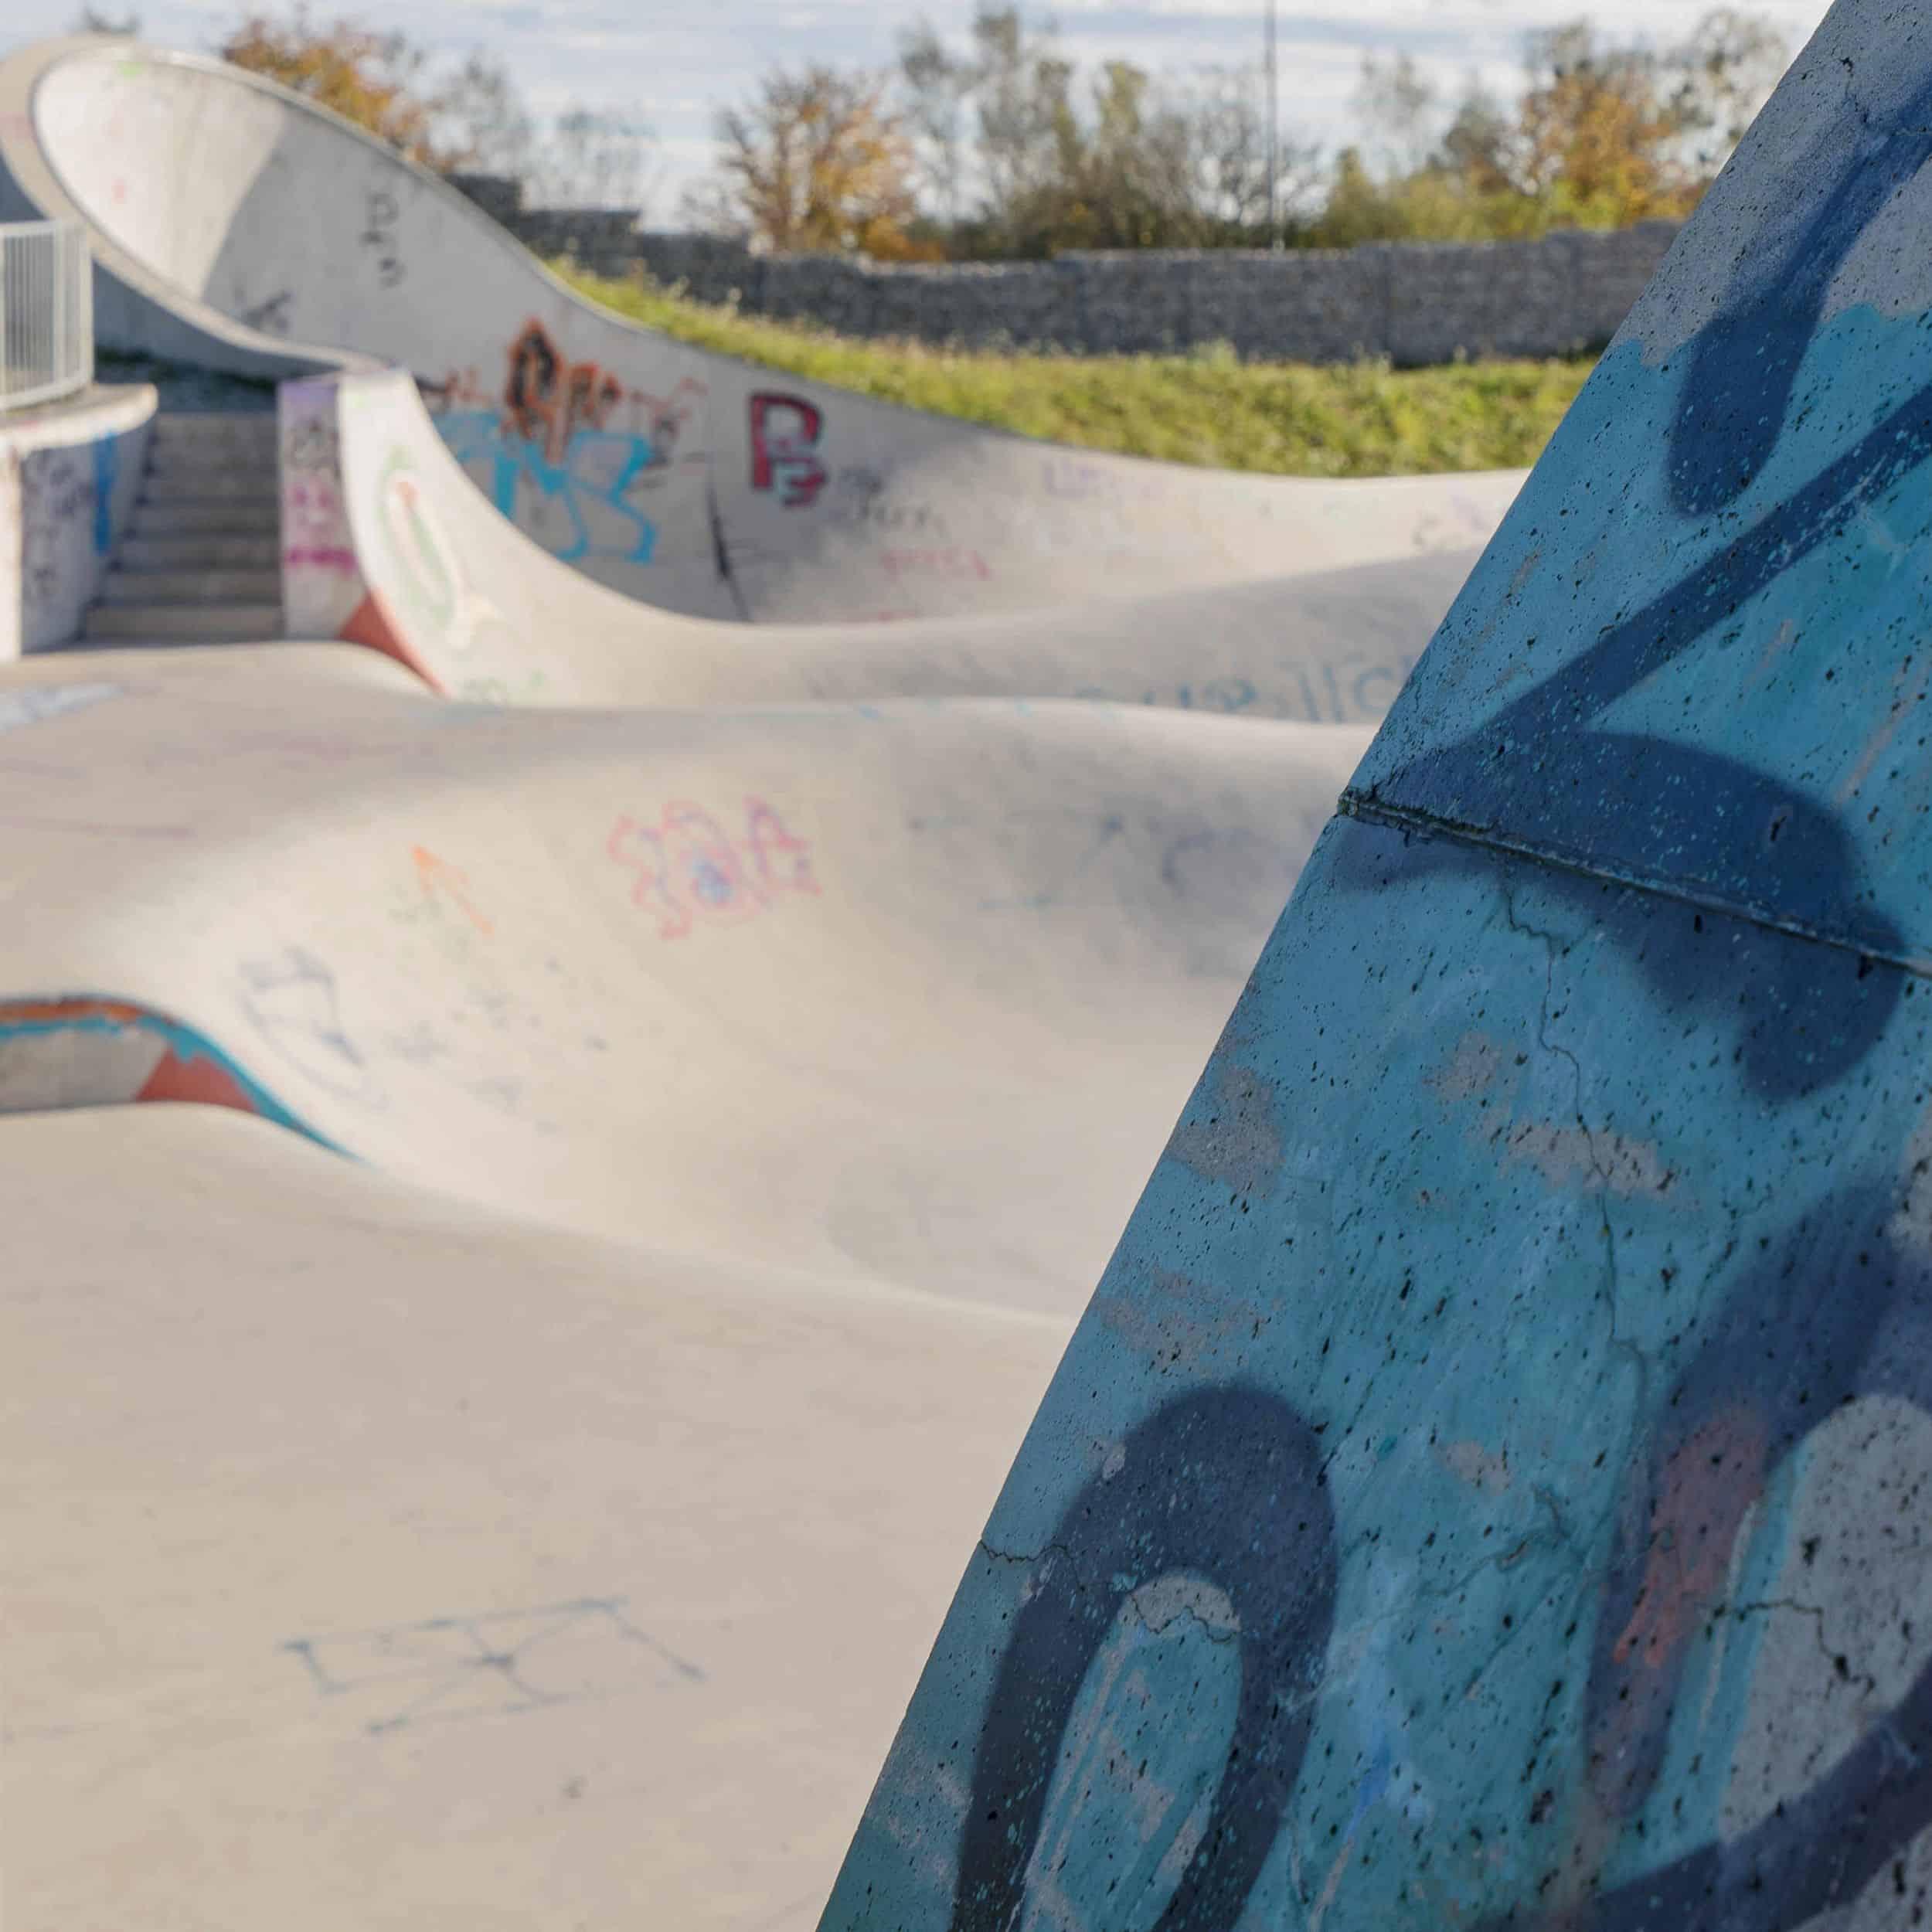 Foto: Blick über die Skateanlage, Foto: ver.de landschaftsarchitektur